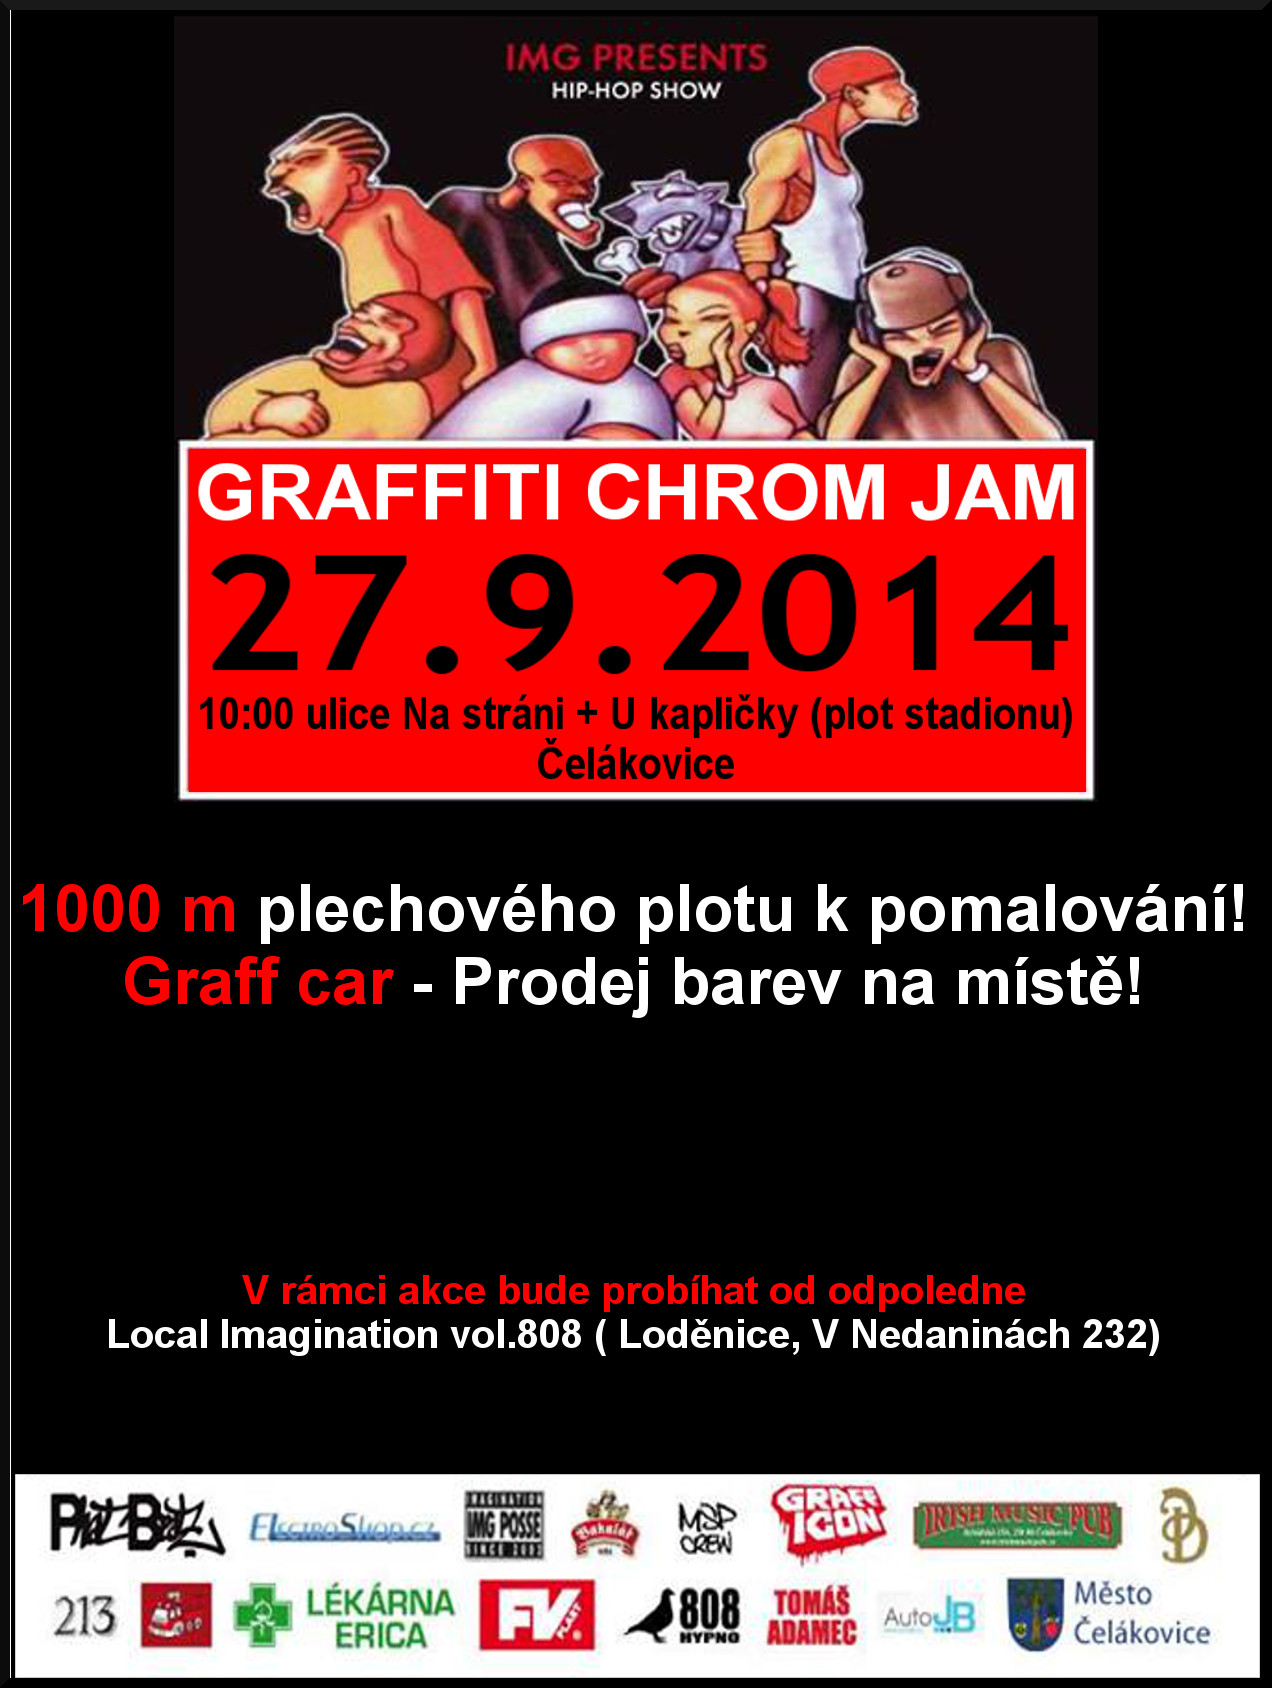 GRAFFITI CHROM JAM 2014